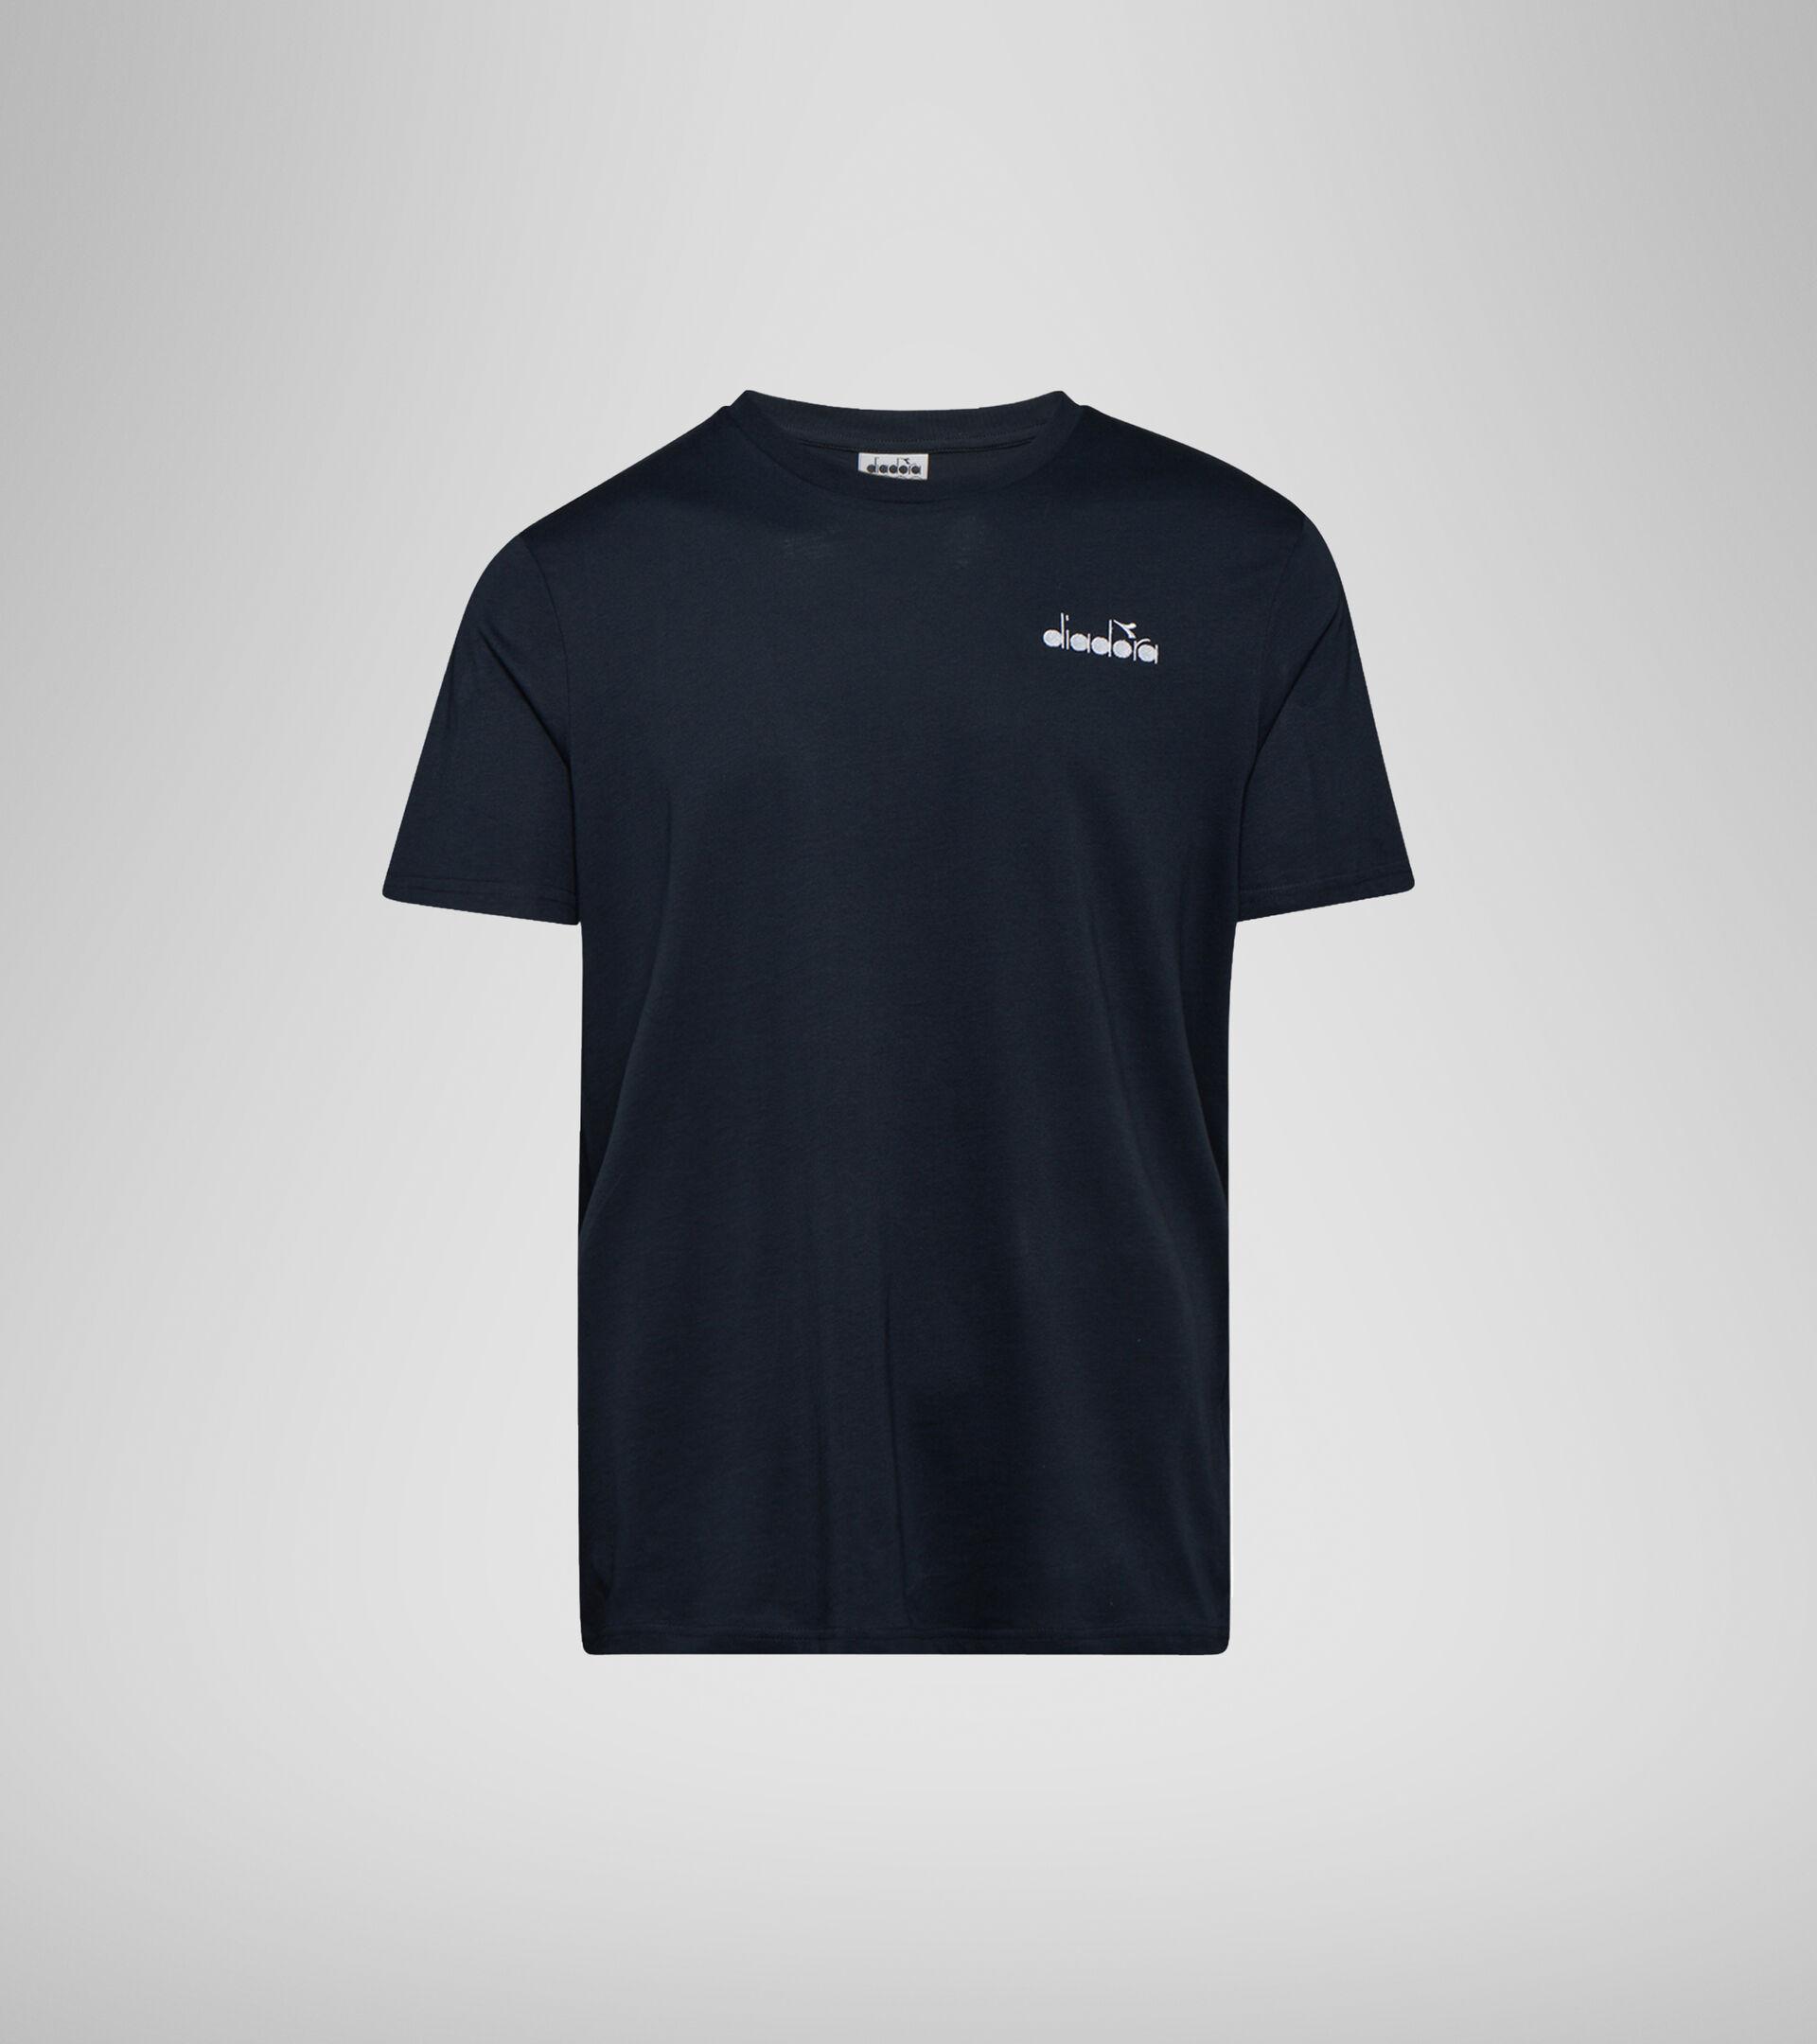 T-Shirt - Herren SS T-SHIRT CORE OC SCHWARZ SCHWERTLILIE - Diadora